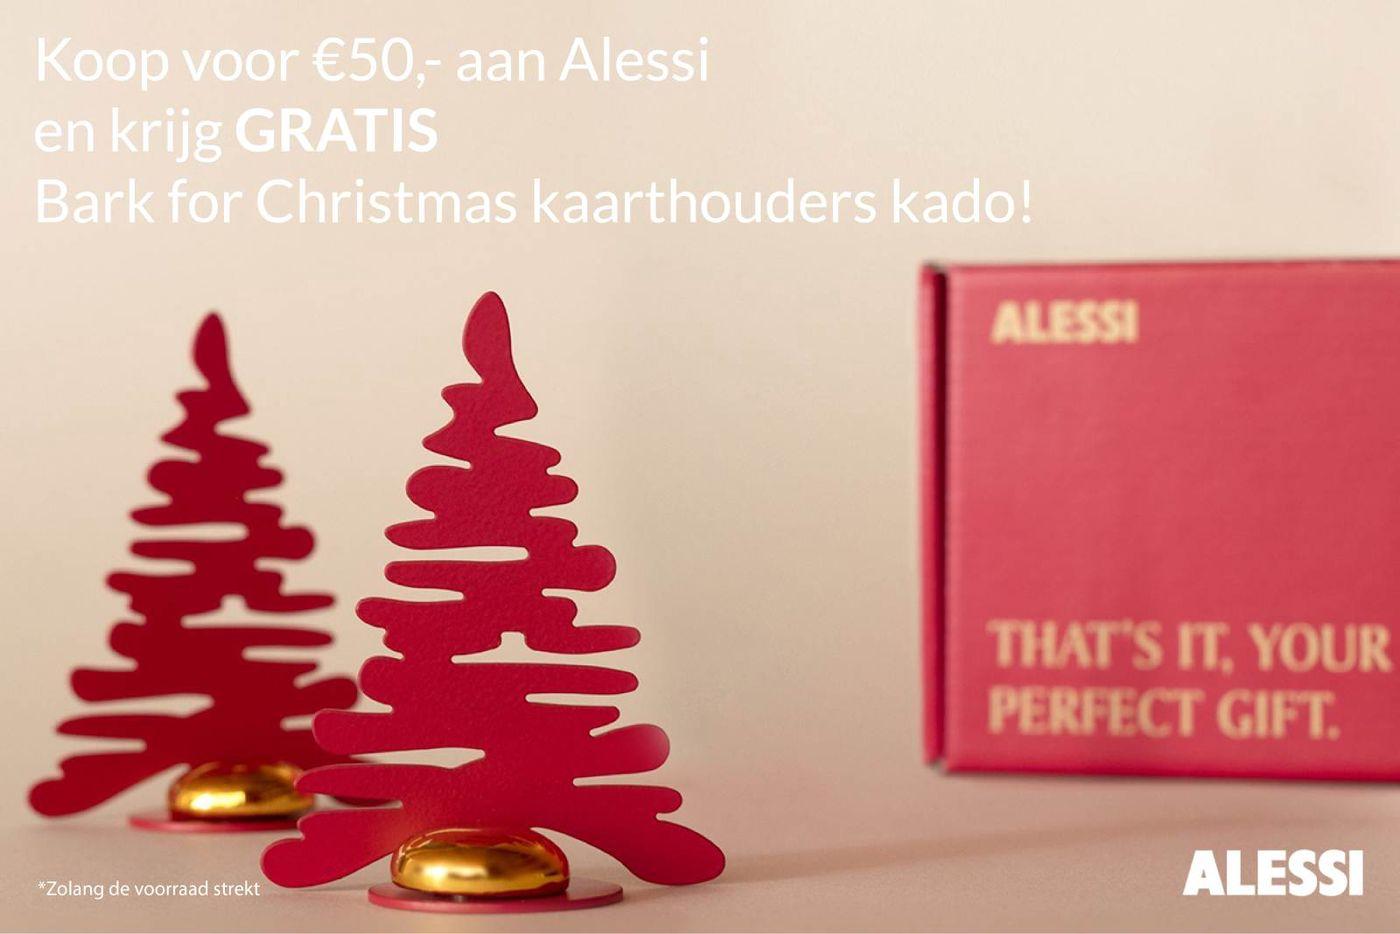 Gratis Alessi Bark for Christmas bij order vanaf € 50,-